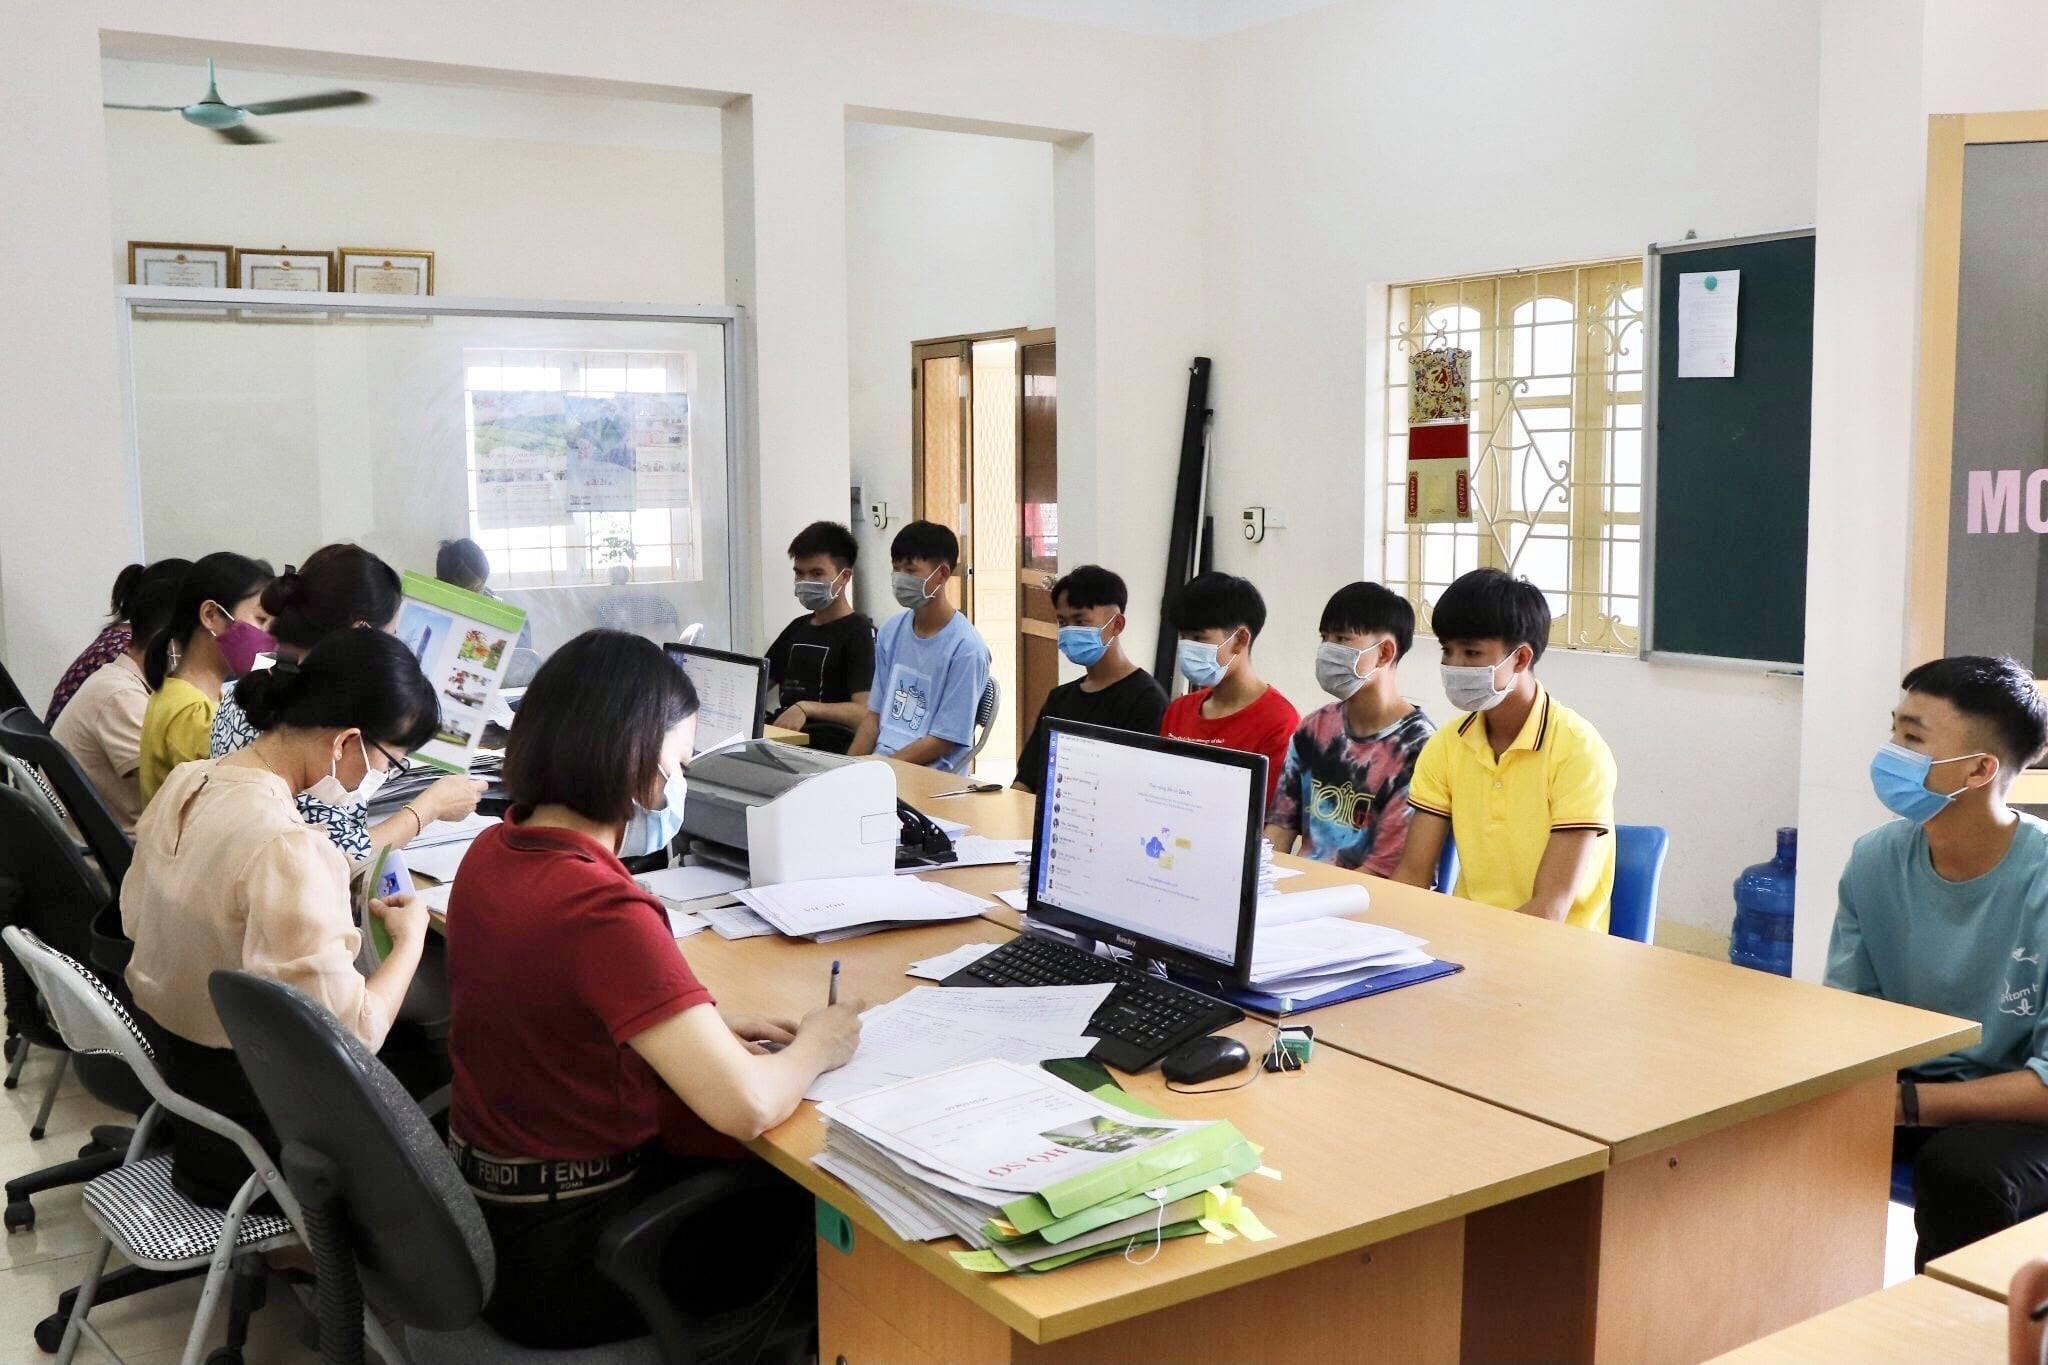 C:\Users\Administrator\Desktop\Doc's Ha\Phieu thu thap thong tin\DL\215349884_1251860145246025_3966030688163691041_n.jpg